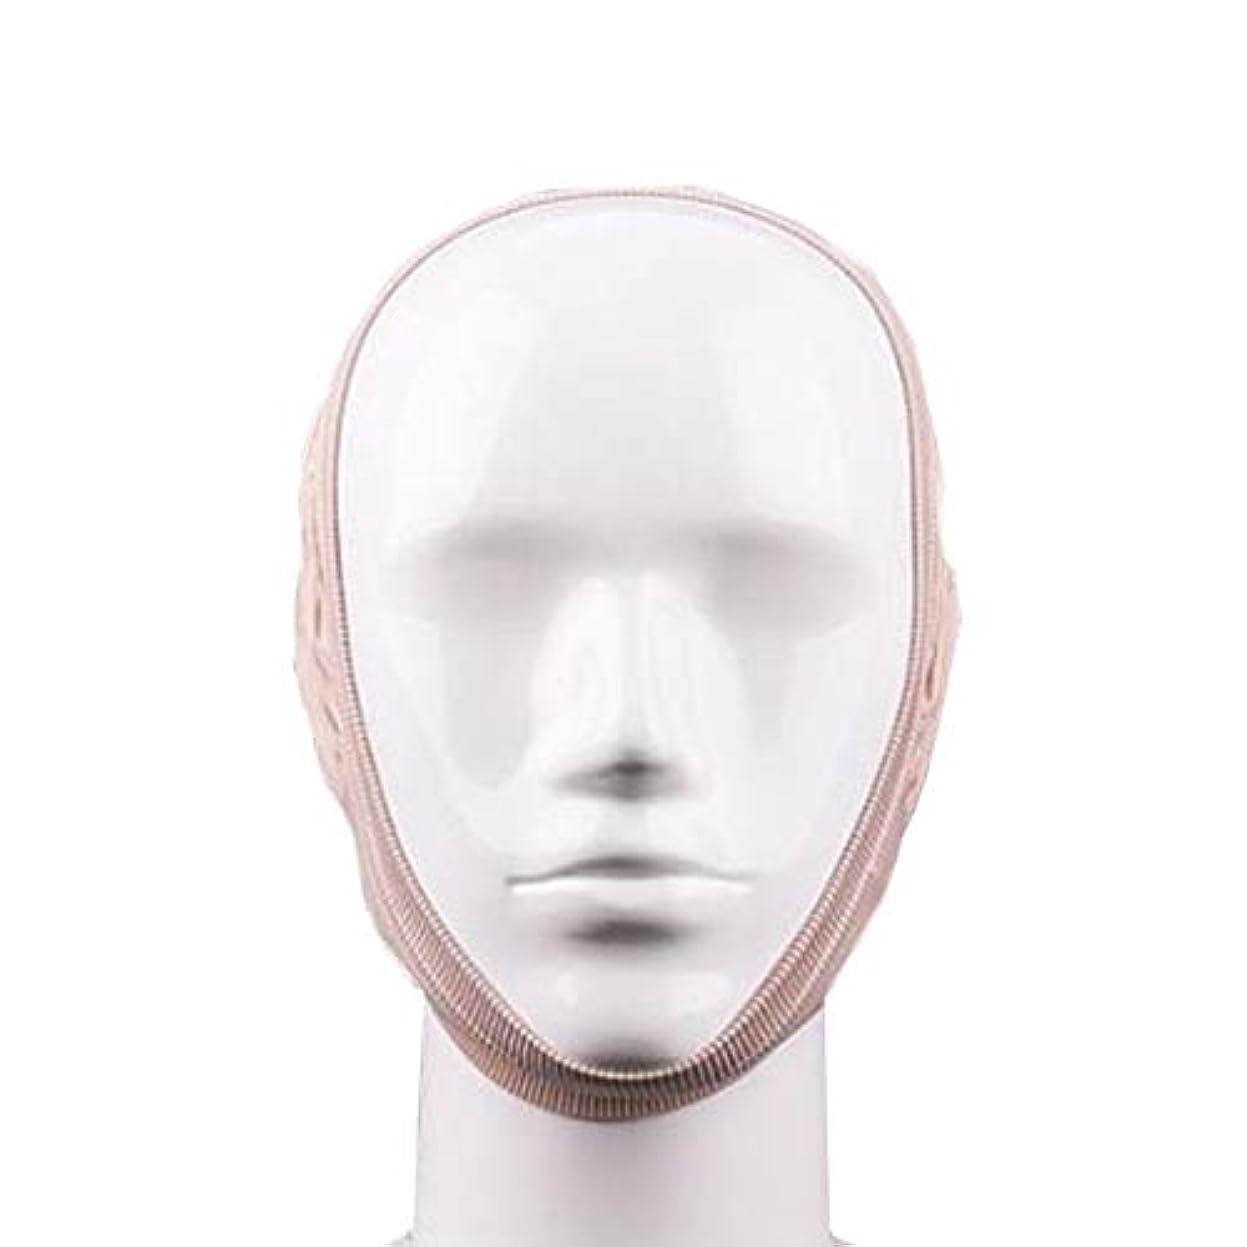 証言ナビゲーション何故なのZWBD フェイスマスク, 顔の包帯の形成を強化するための術後回復包帯リフティングシェイプマスクを刻むVフェイスアーティファクトスモールフェイスマスクライン (Color : B)